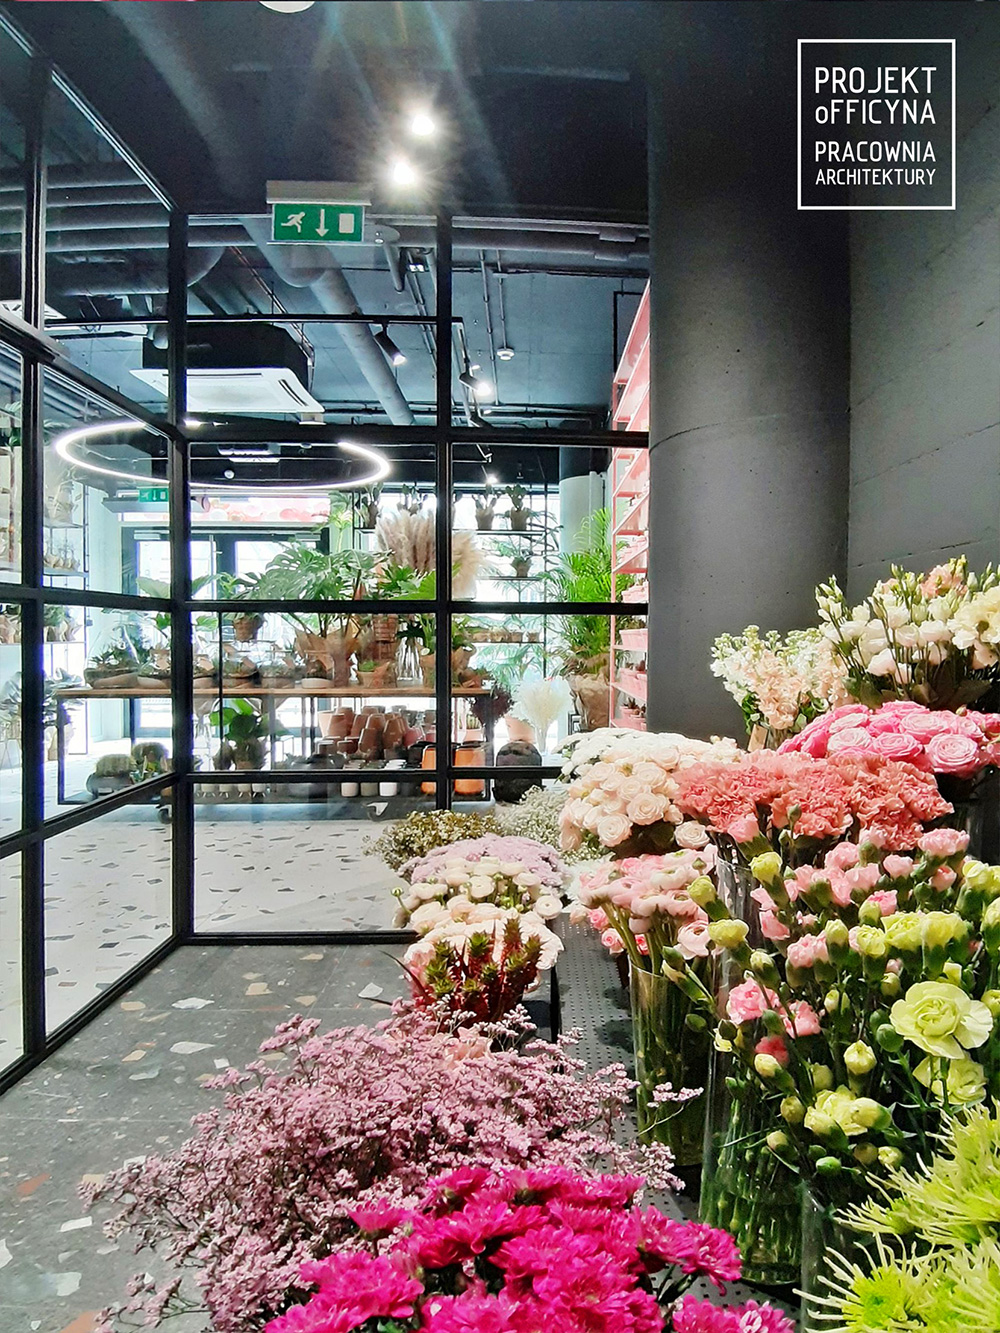 Kwiaty na pierwszym planie: nowa kwiaciarnia wHi Piotrkowska